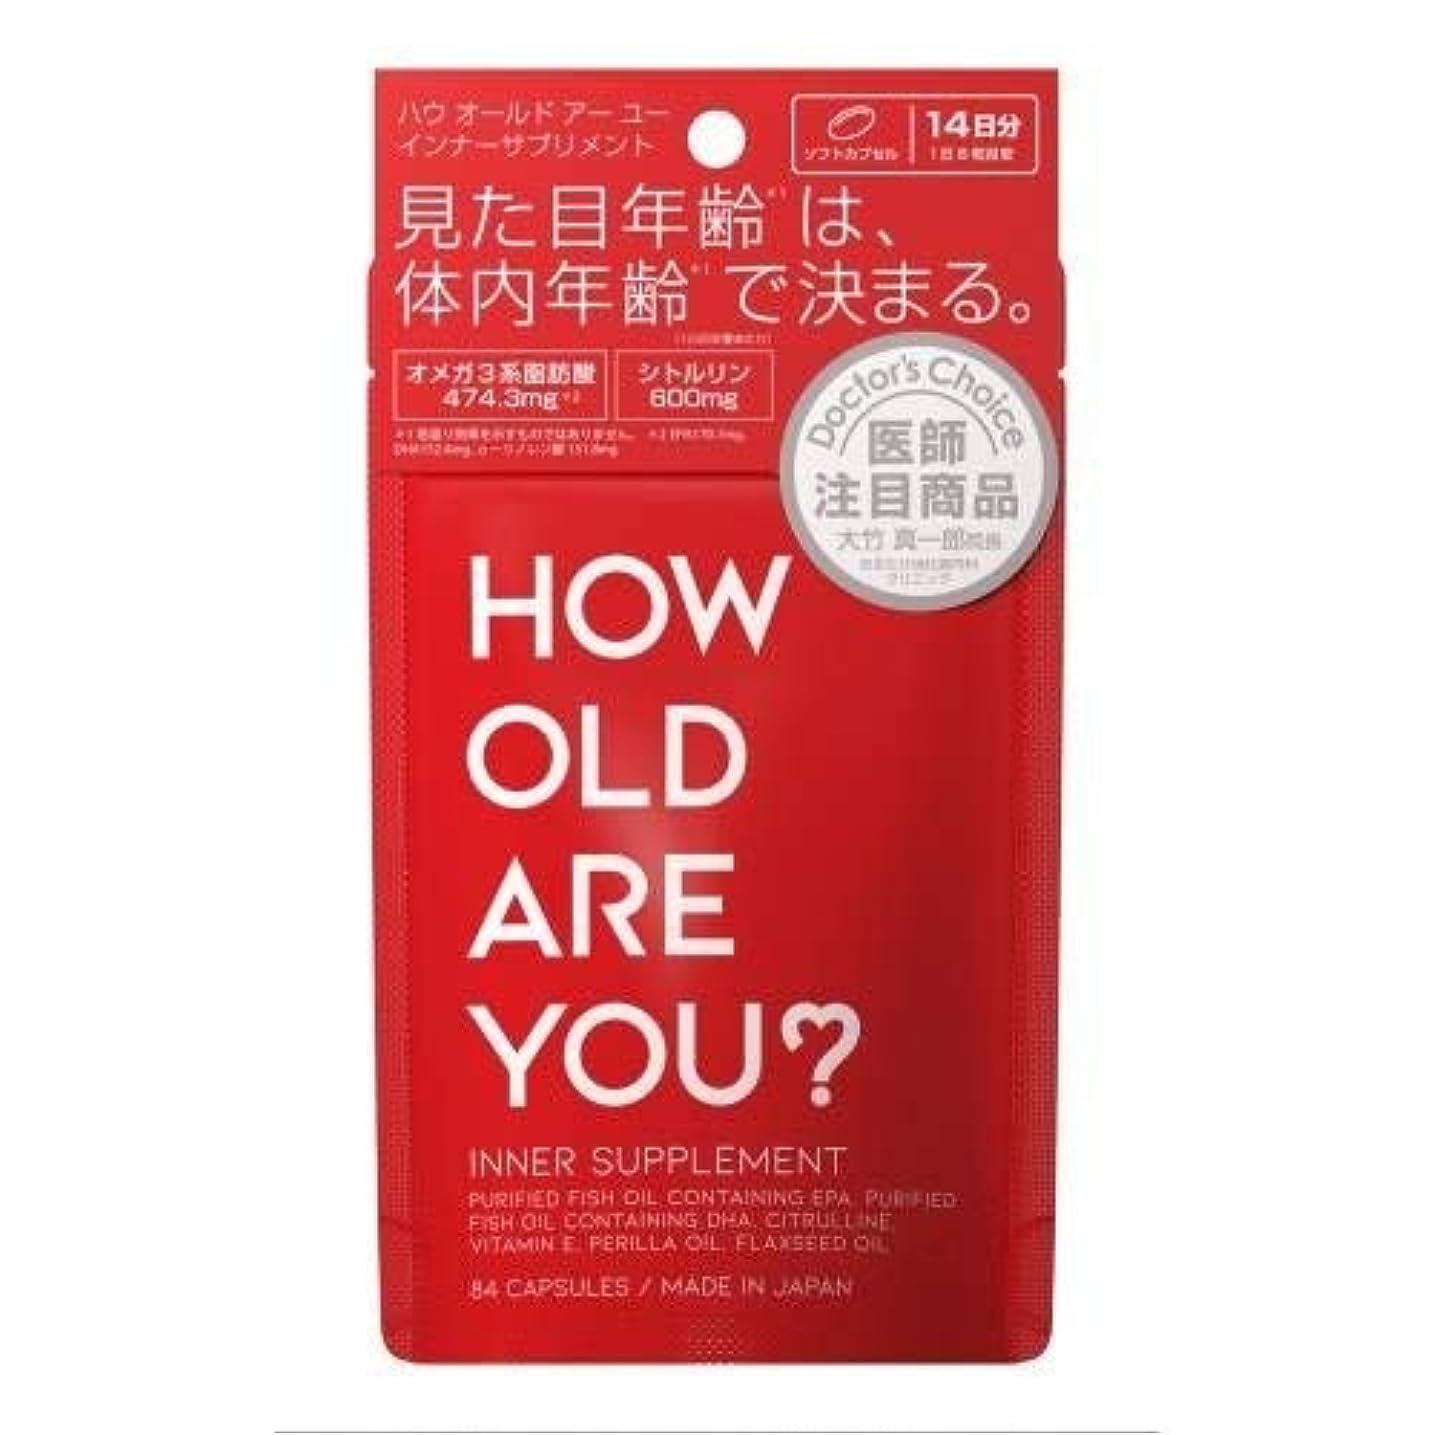 透けるコメント謝る【2個セット】HOW OLD ARE YOU?インナーサプリメント 84粒